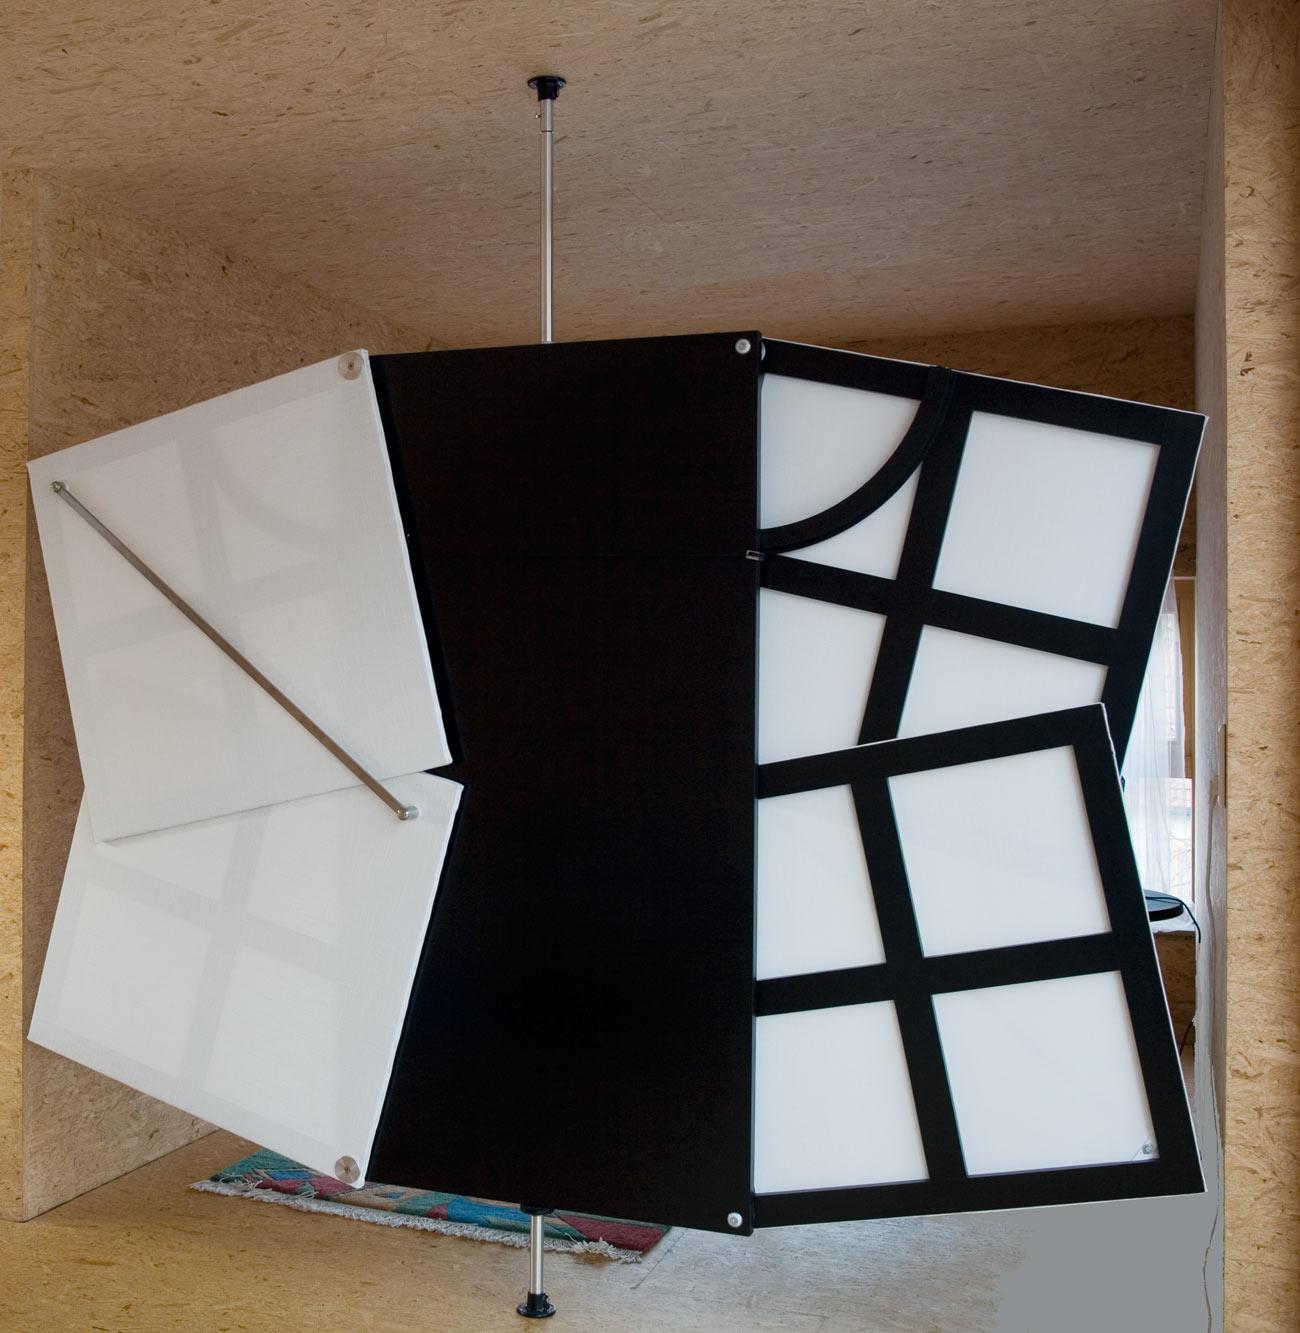 reinventando a porta conhe a a fant stica evolution door por que n o pensei nisso por que. Black Bedroom Furniture Sets. Home Design Ideas